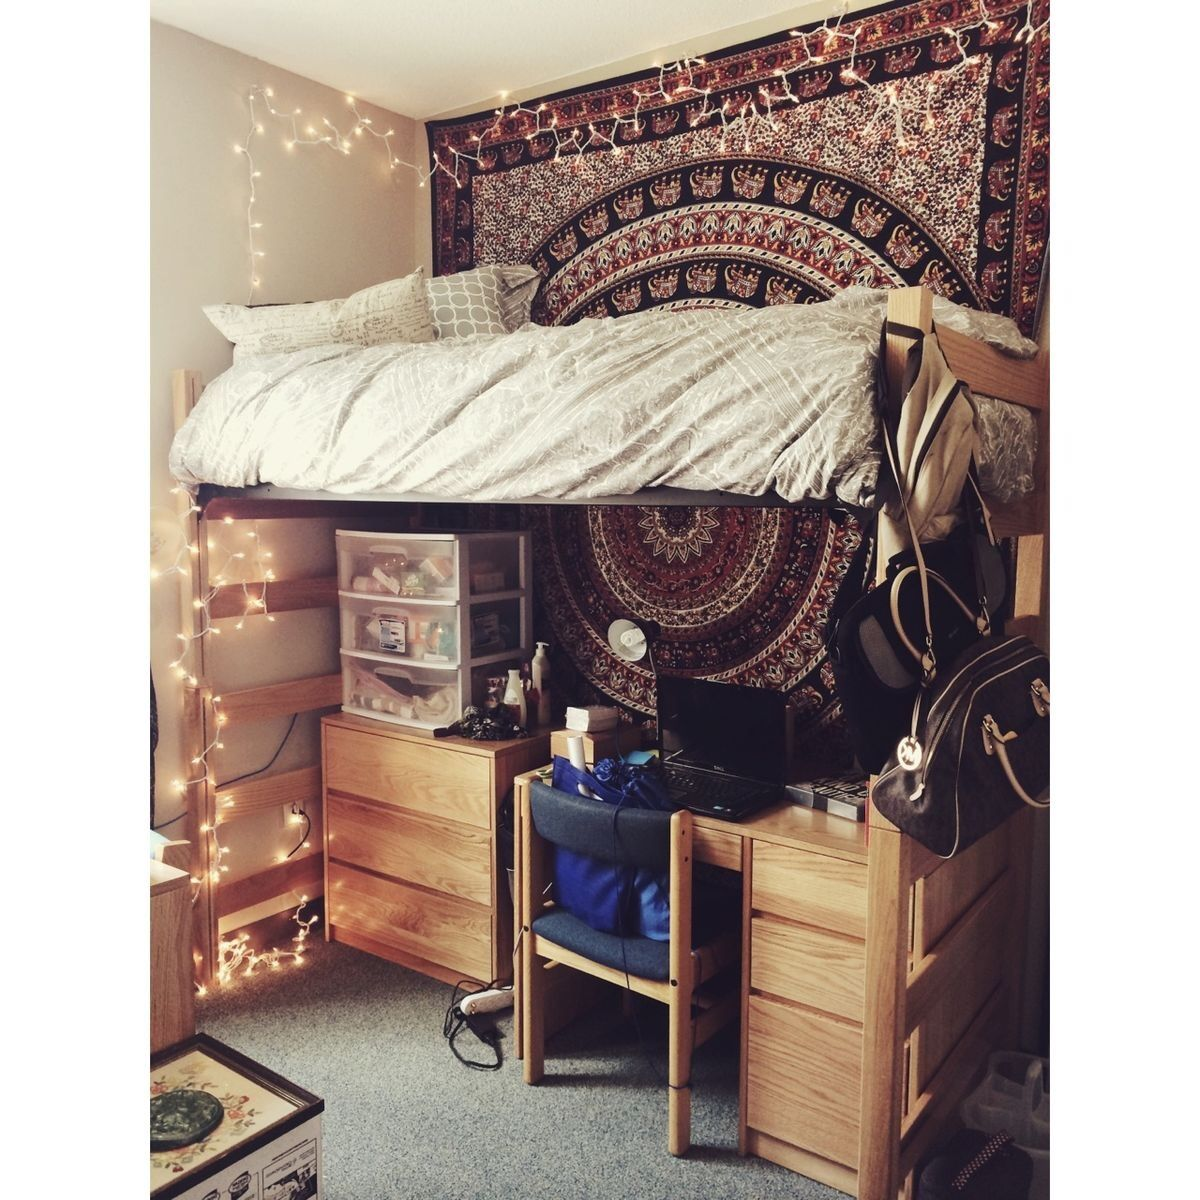 Dorm room decor tumblr mi casa pinterest dorm room dorm and